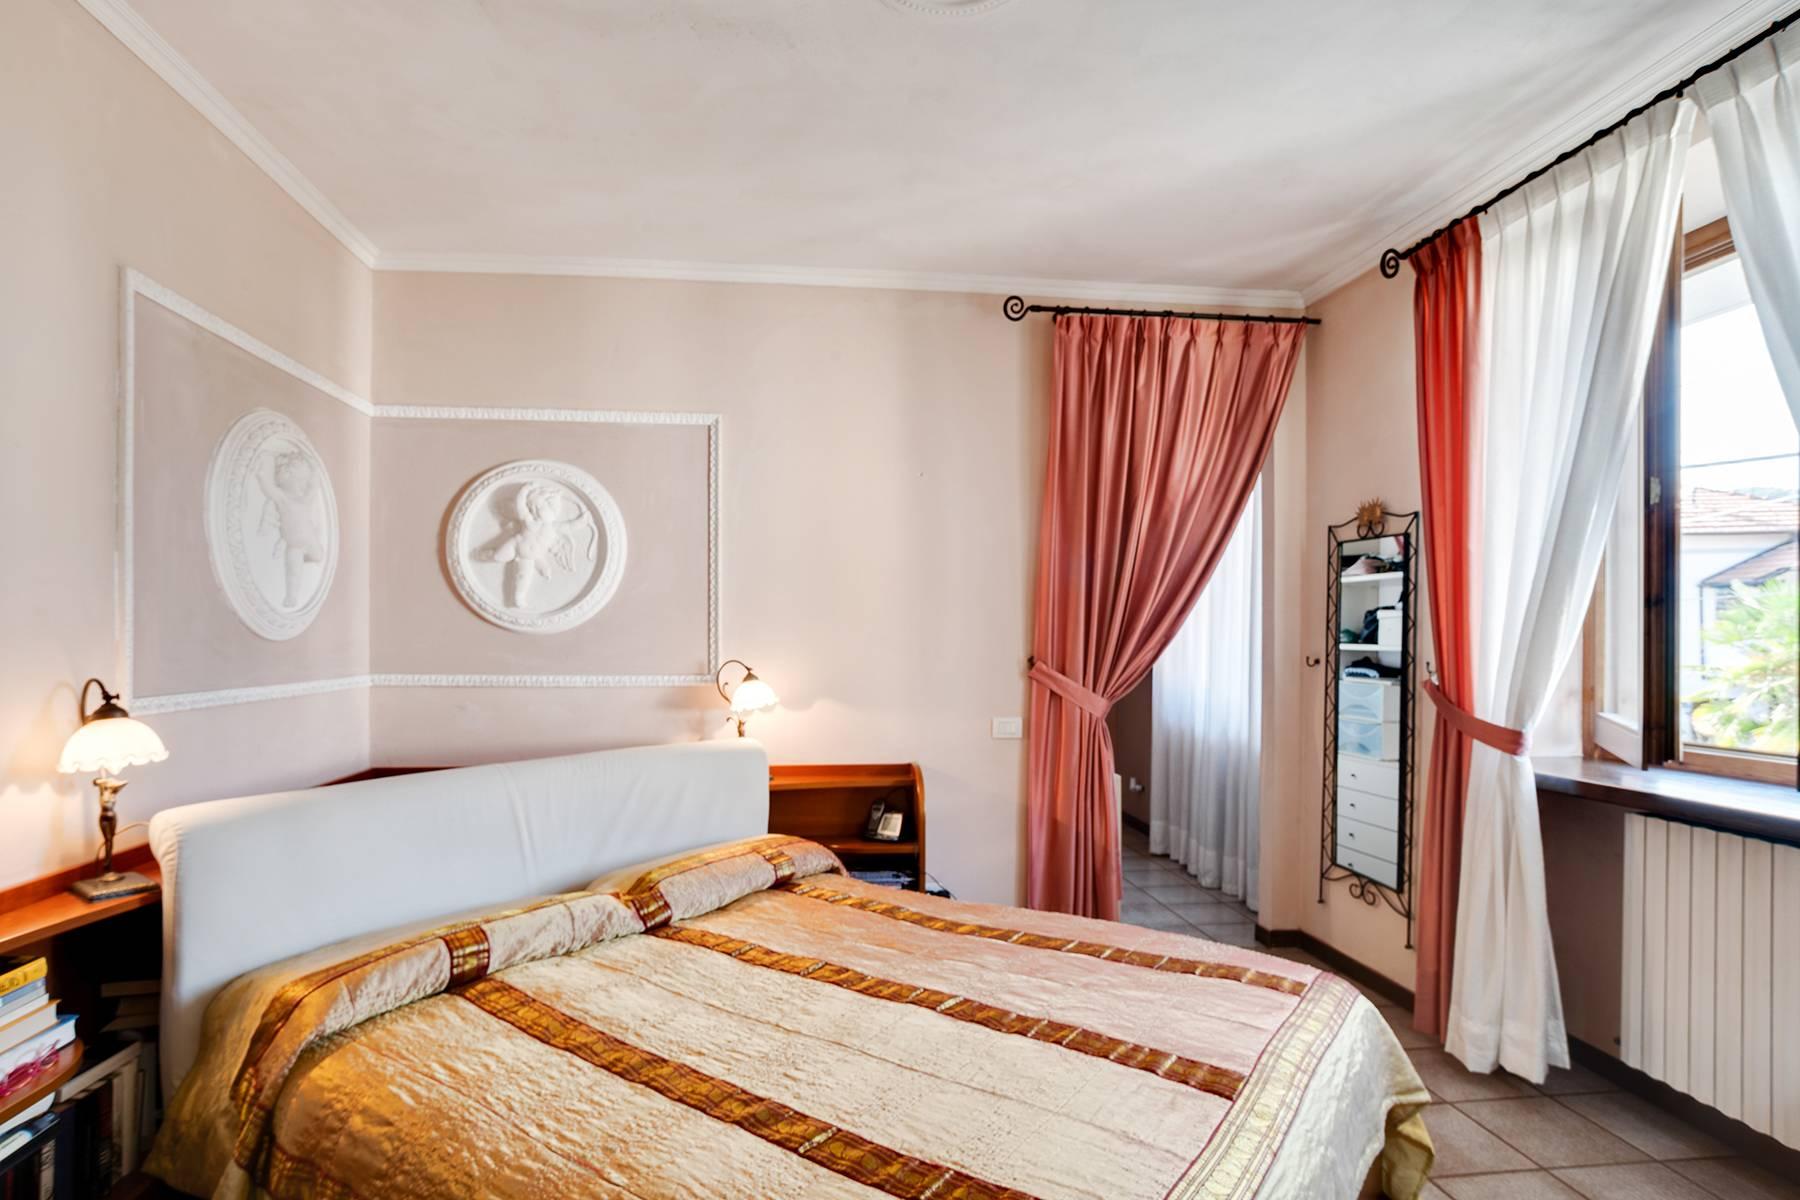 Villa in Vendita a Arona: 5 locali, 246 mq - Foto 9